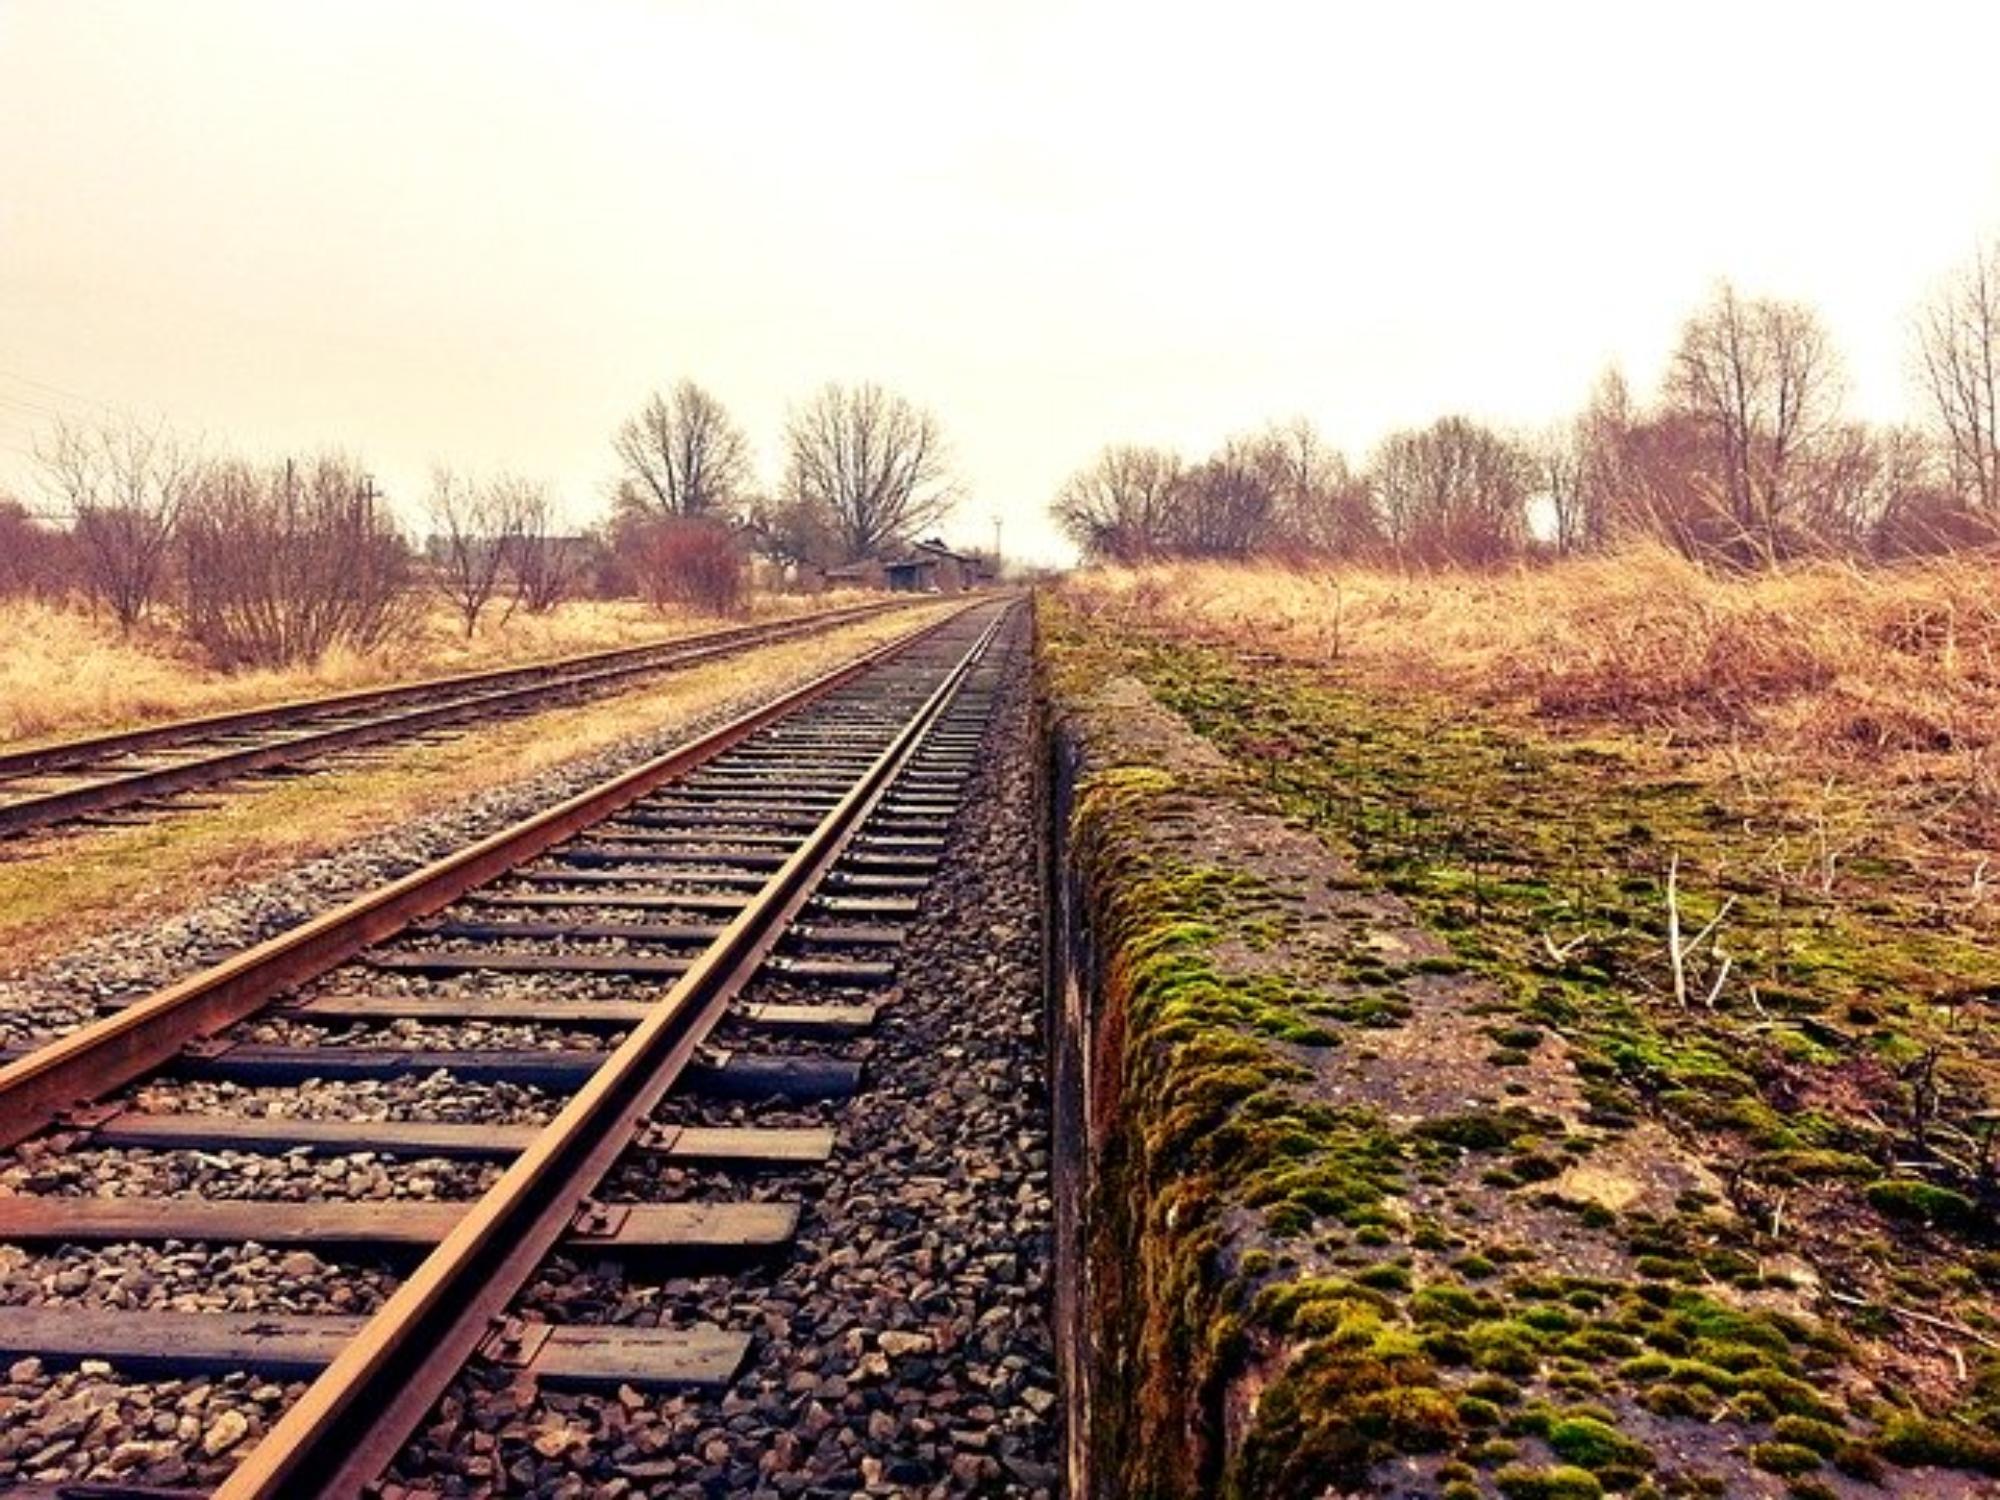 Zrównoważony transport – jak powinien działać?